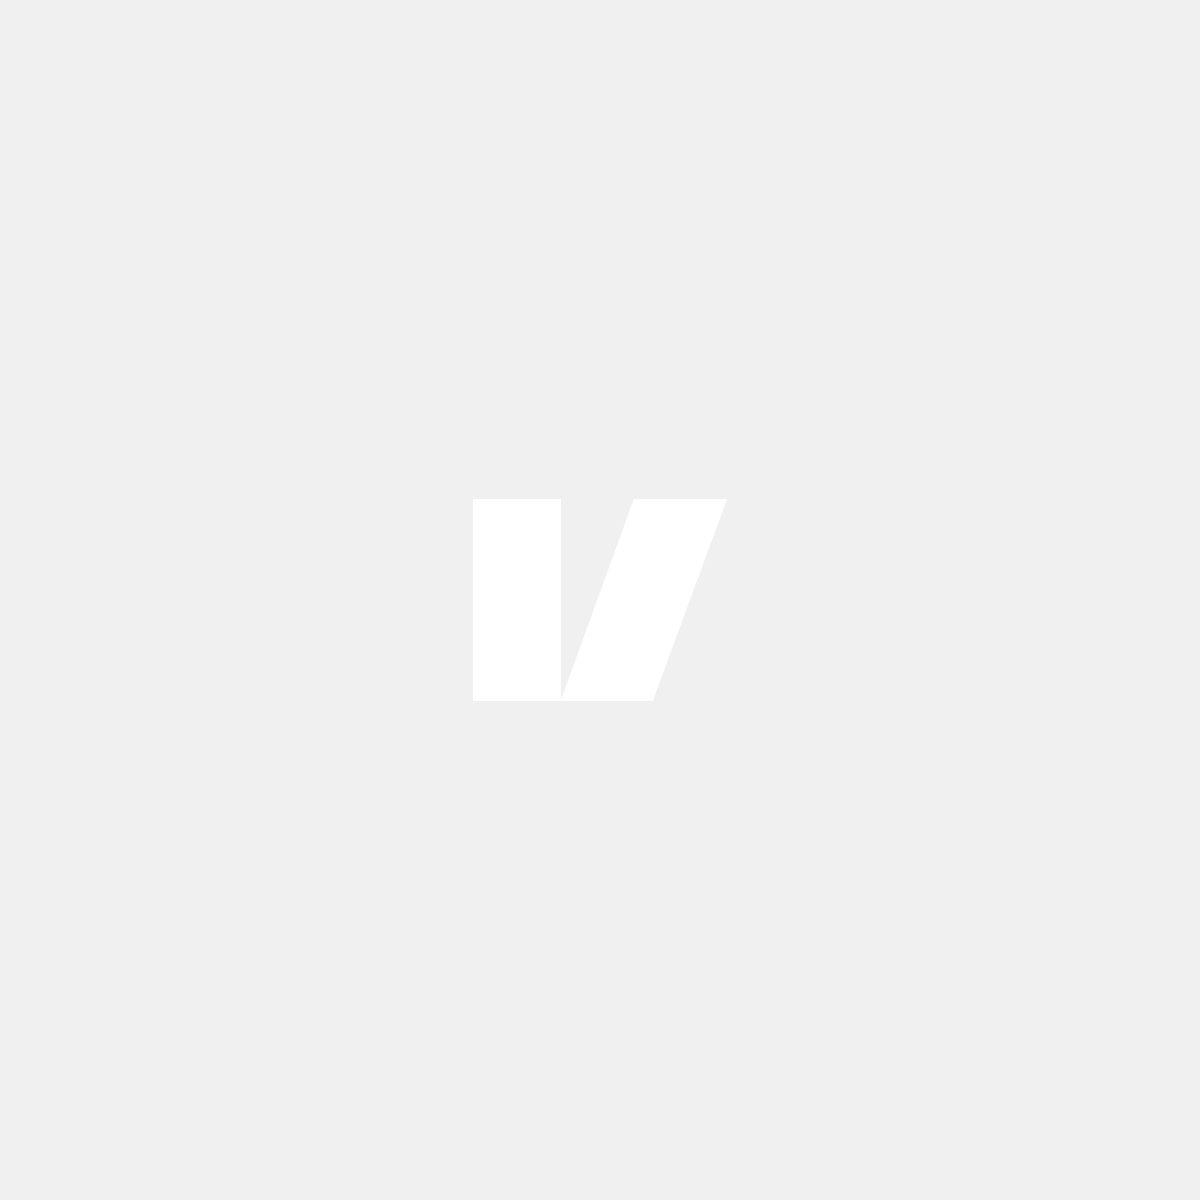 Skyddskåpa för drag till Volvo 940, 960, 850, S70, V70, C70, V70XC